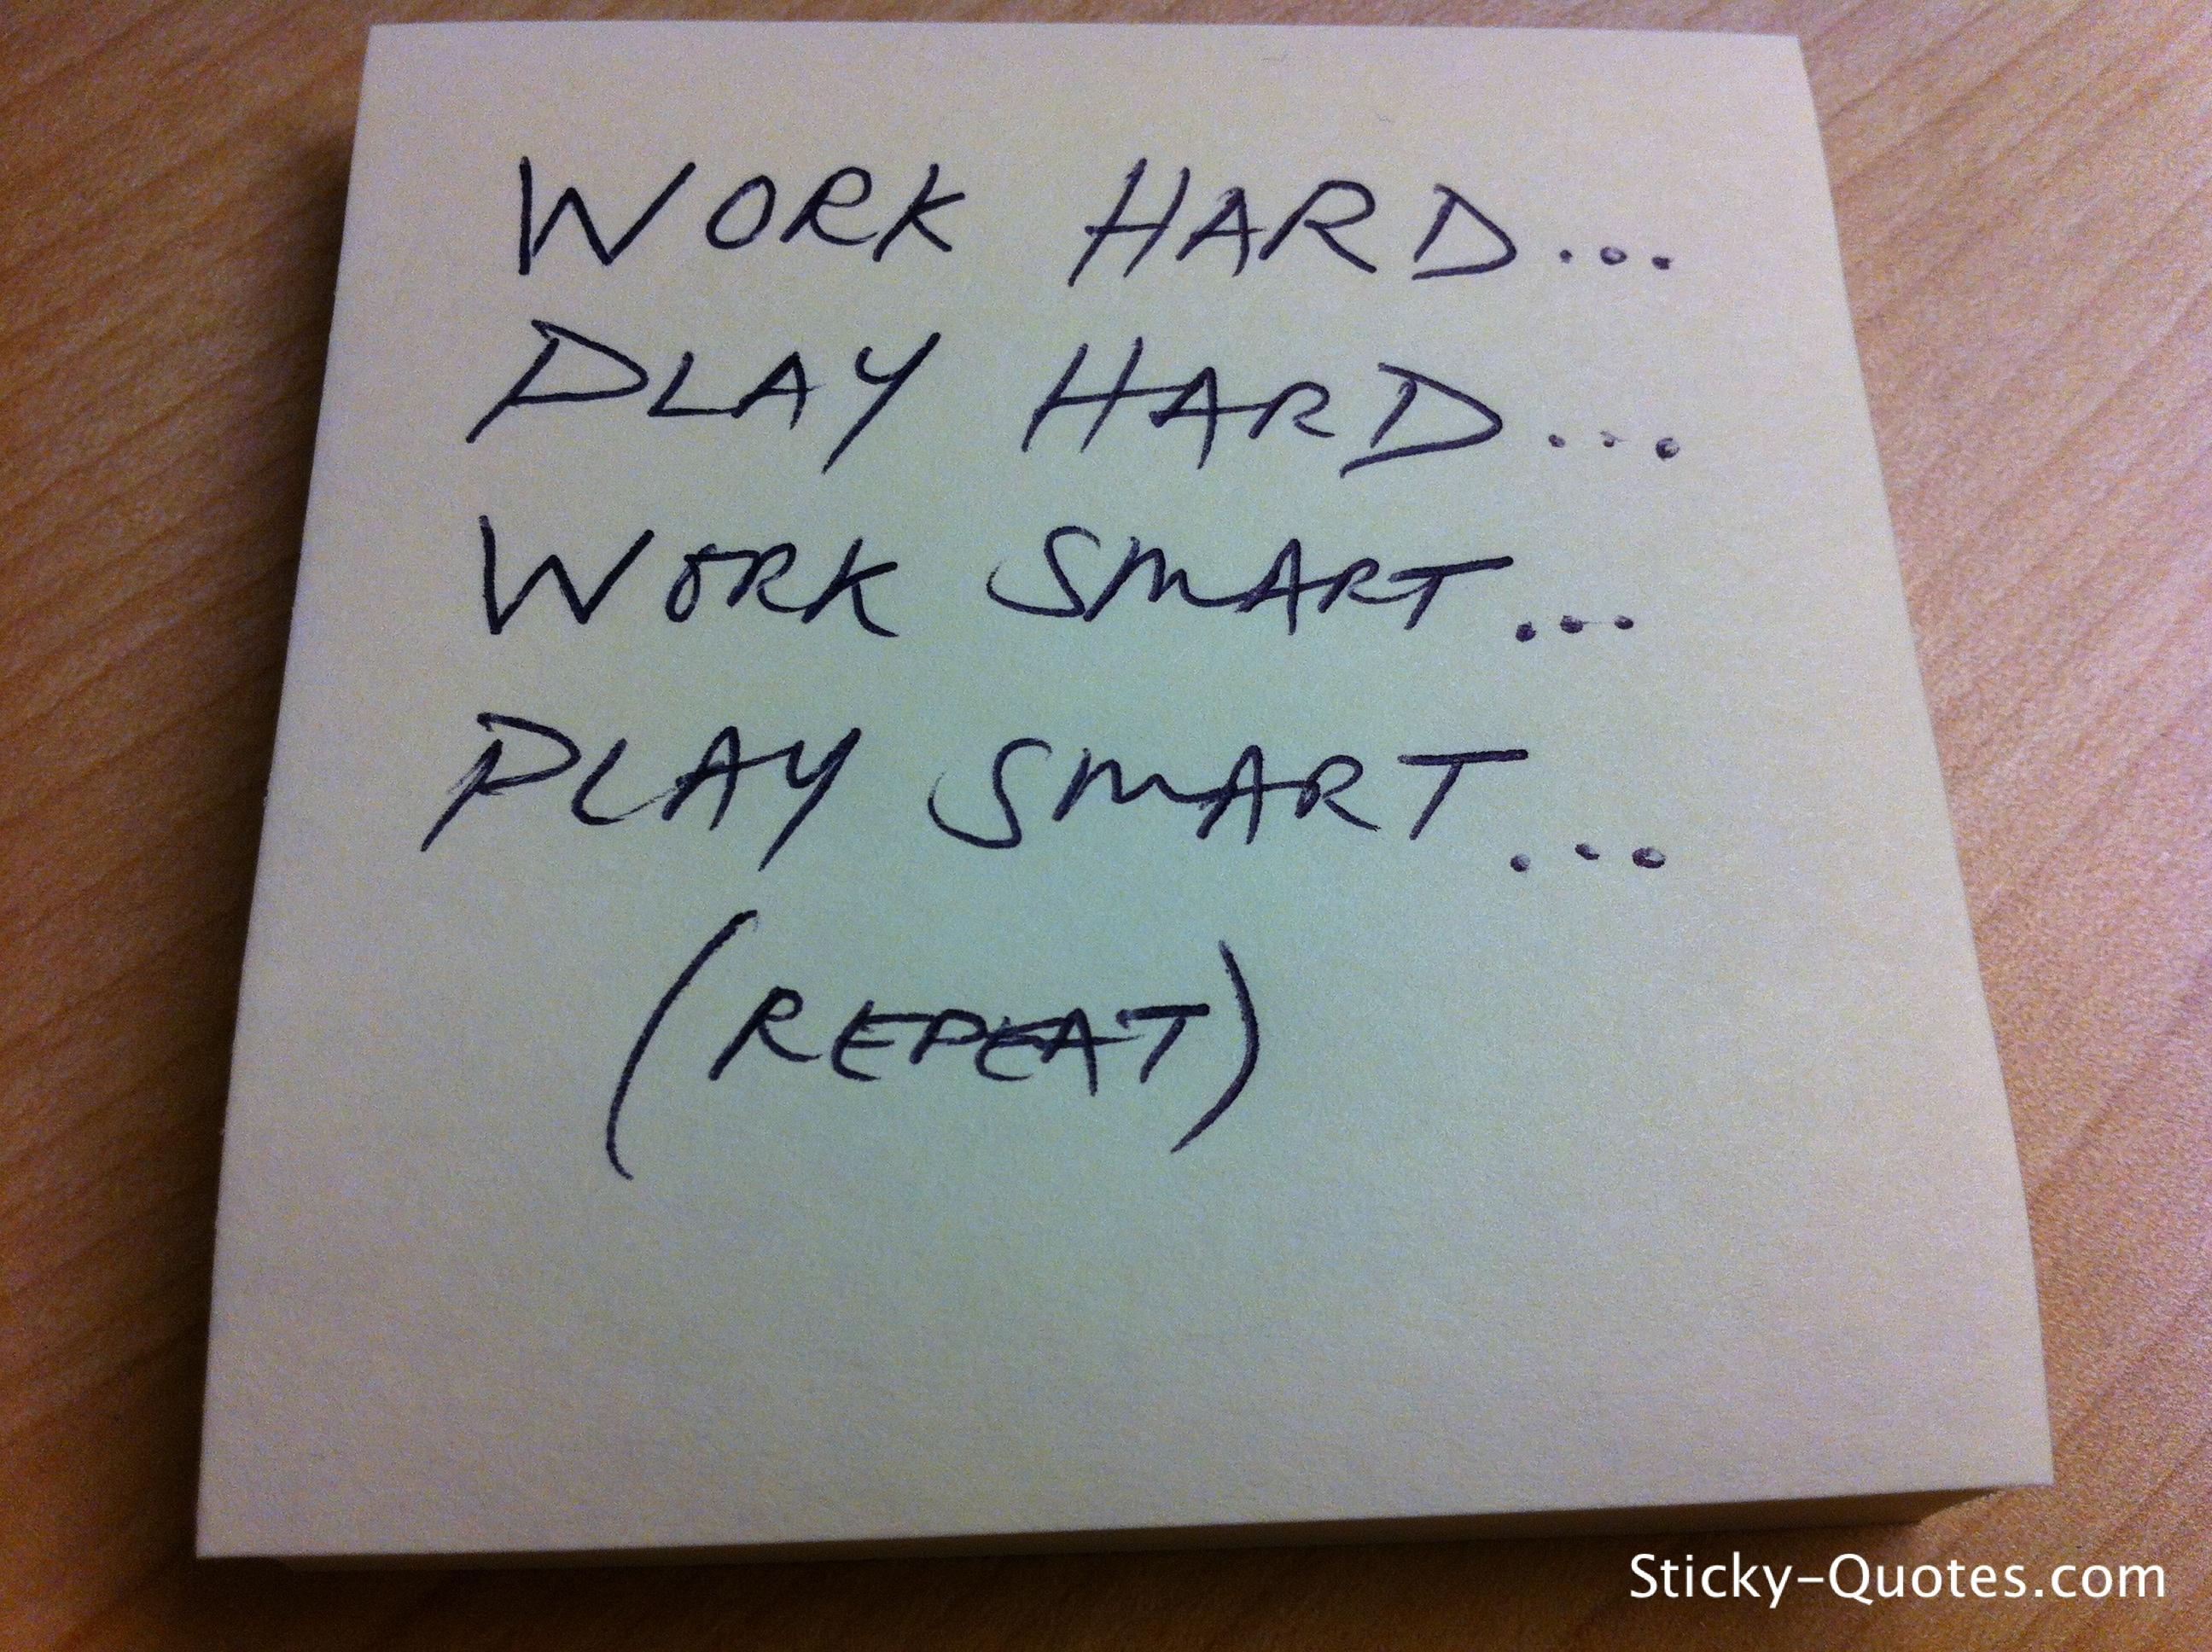 Repeat quote #5